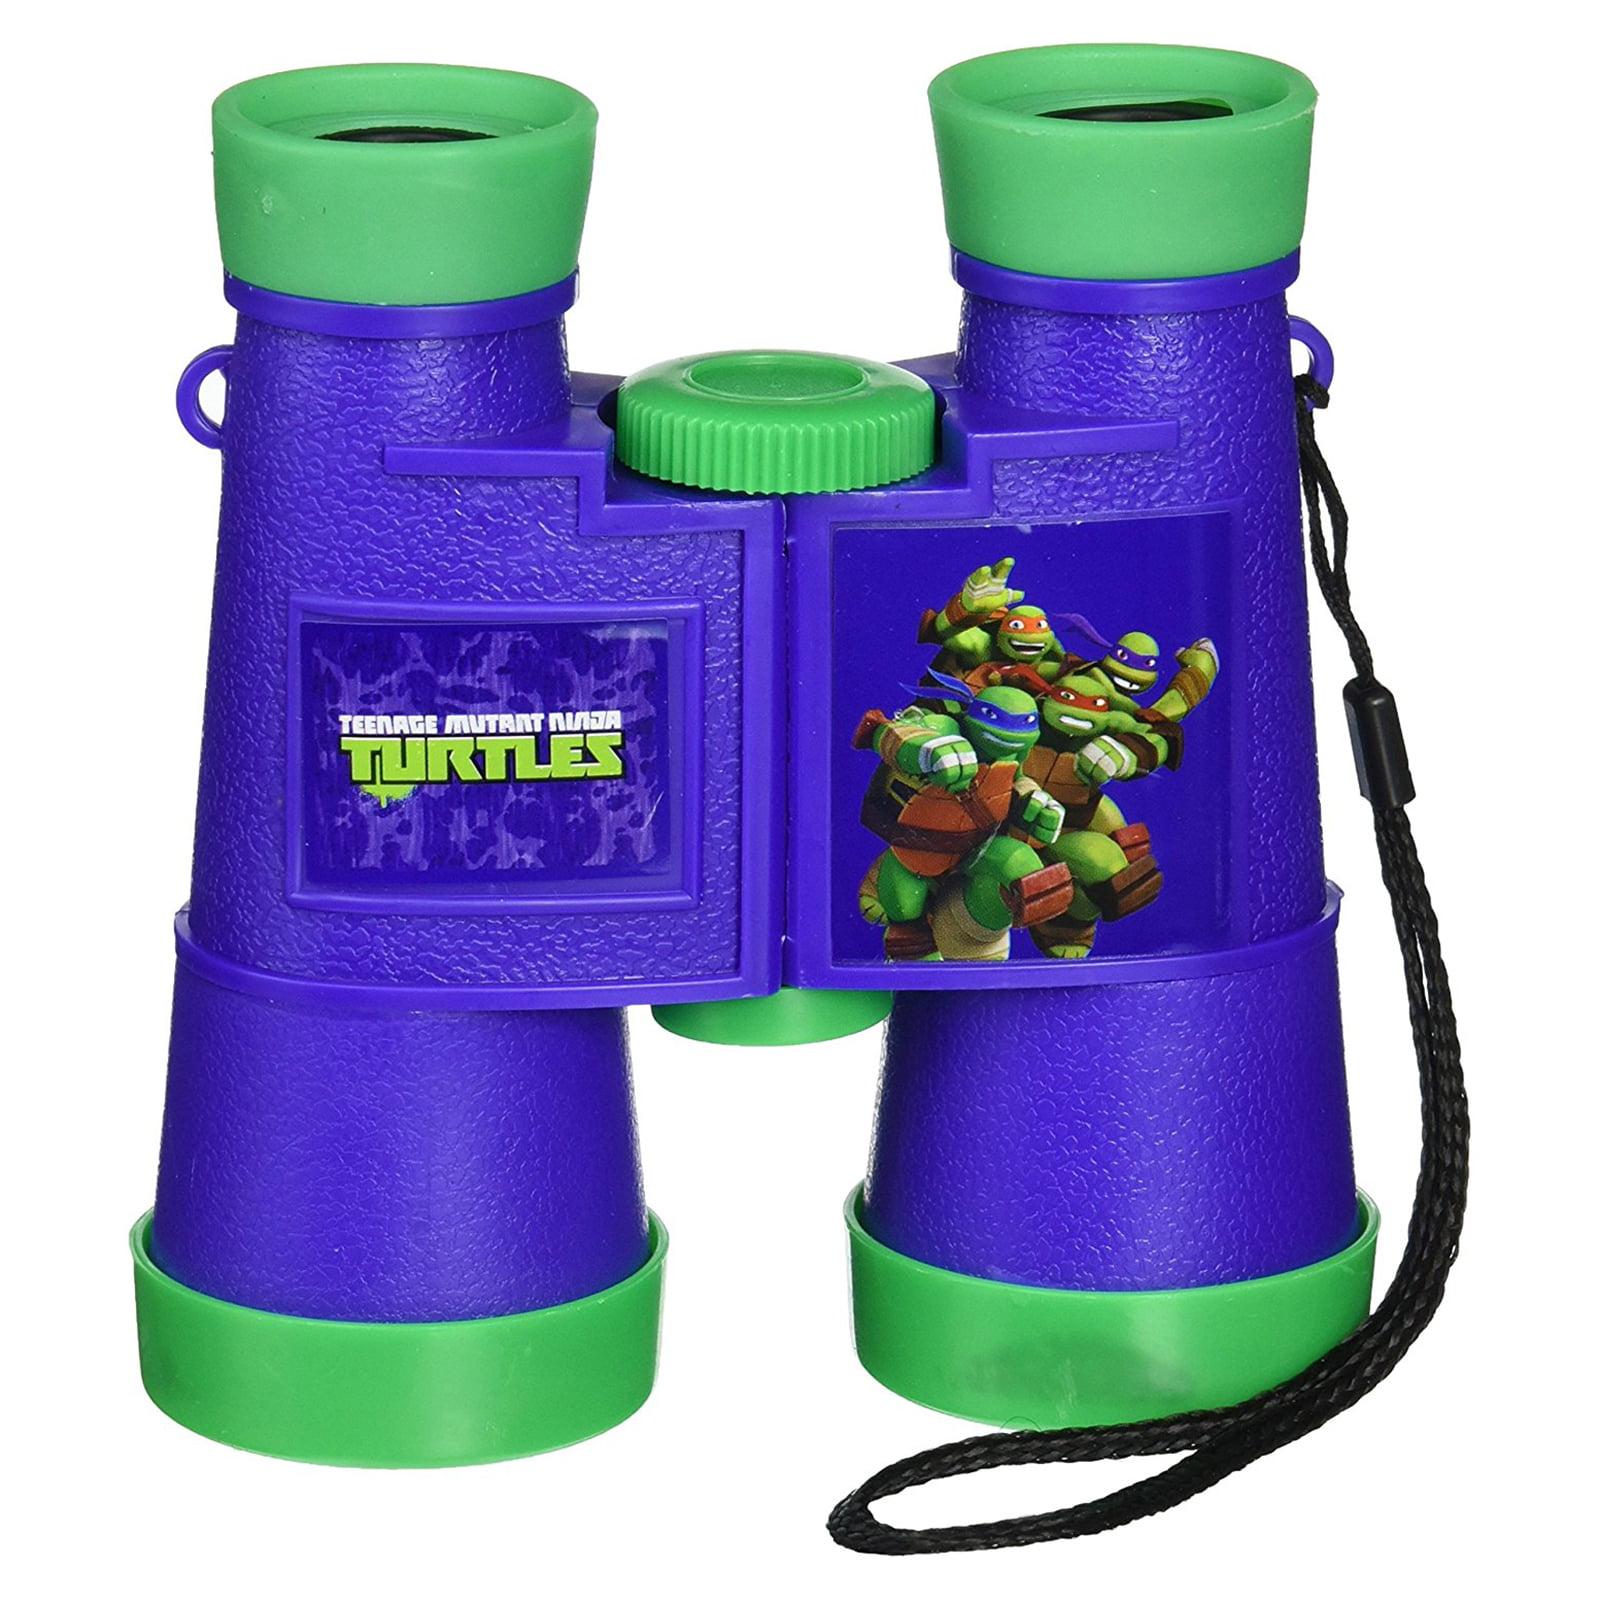 Teenage Mutant Ninja Turtles 7x35 Binoculars by Nickelodeon